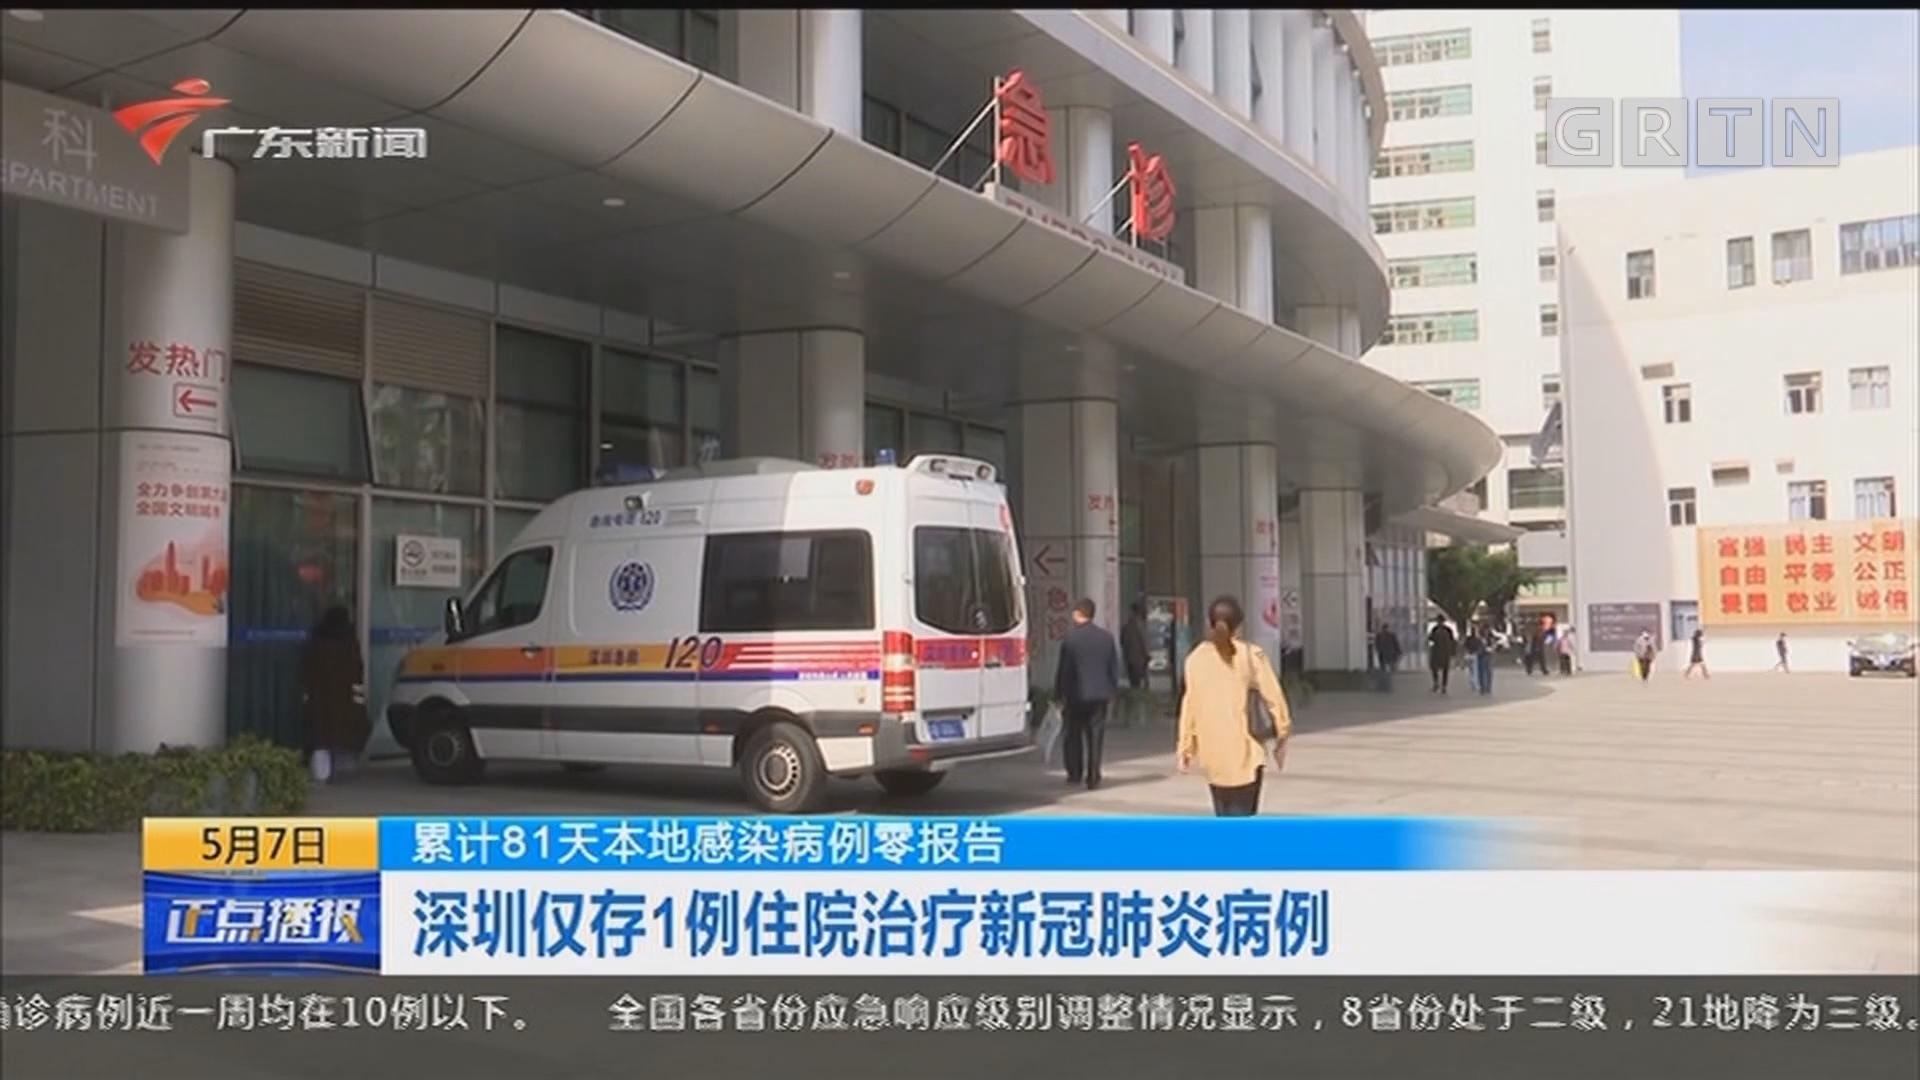 累計81天本地感染病例零報告 深圳僅存1例住院治療新冠肺炎病例